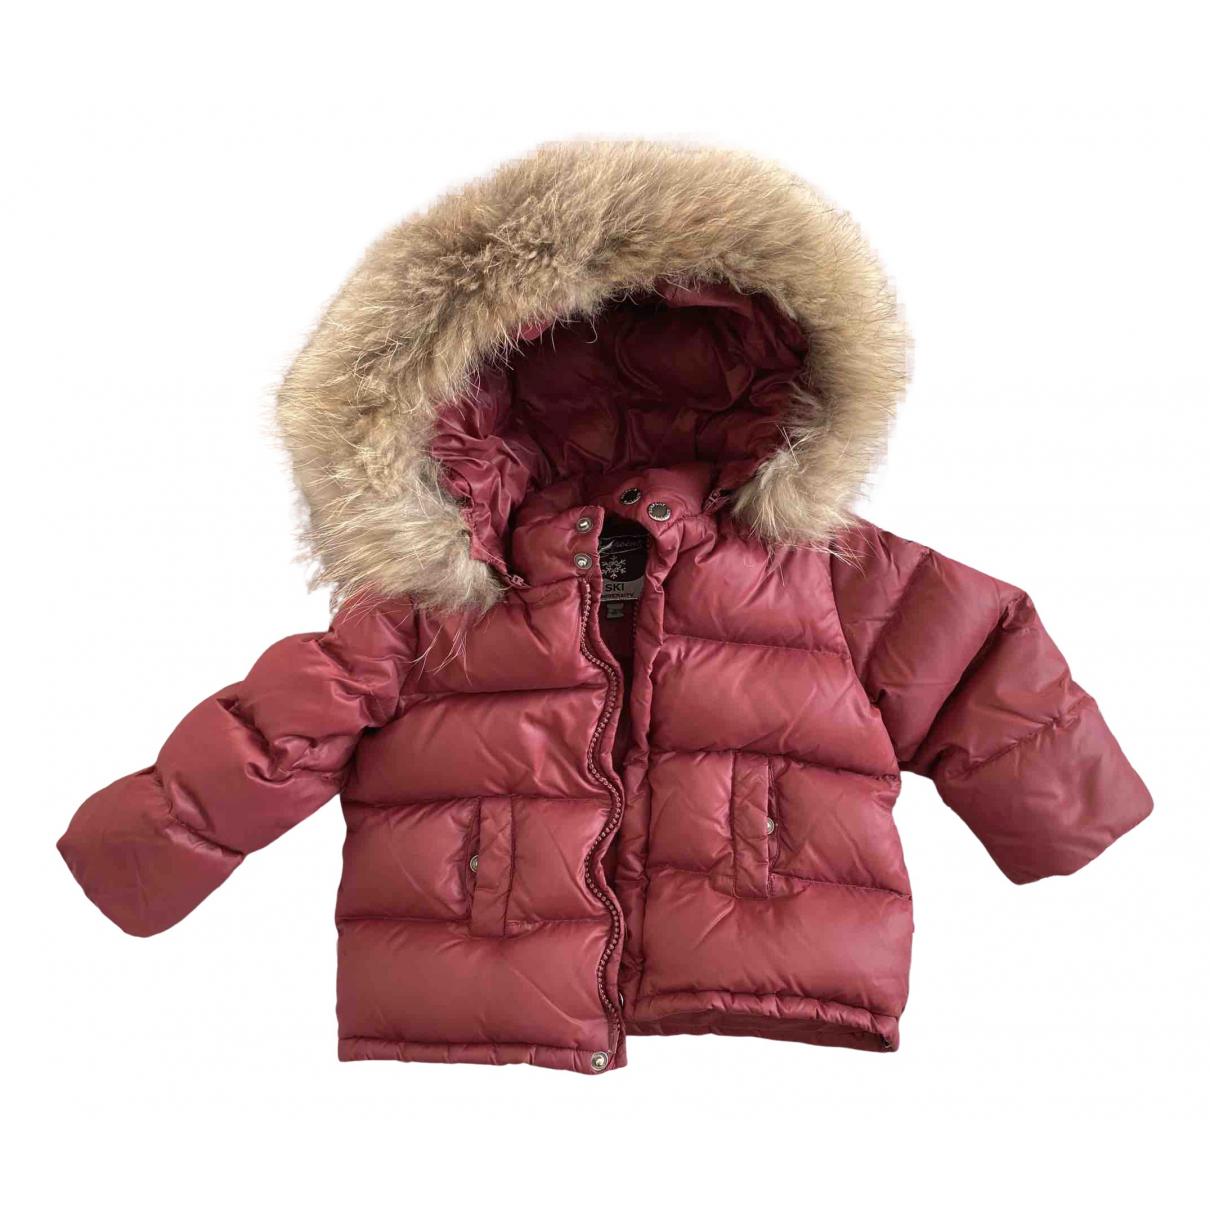 Bonpoint - Blousons.Manteaux   pour enfant - bordeaux